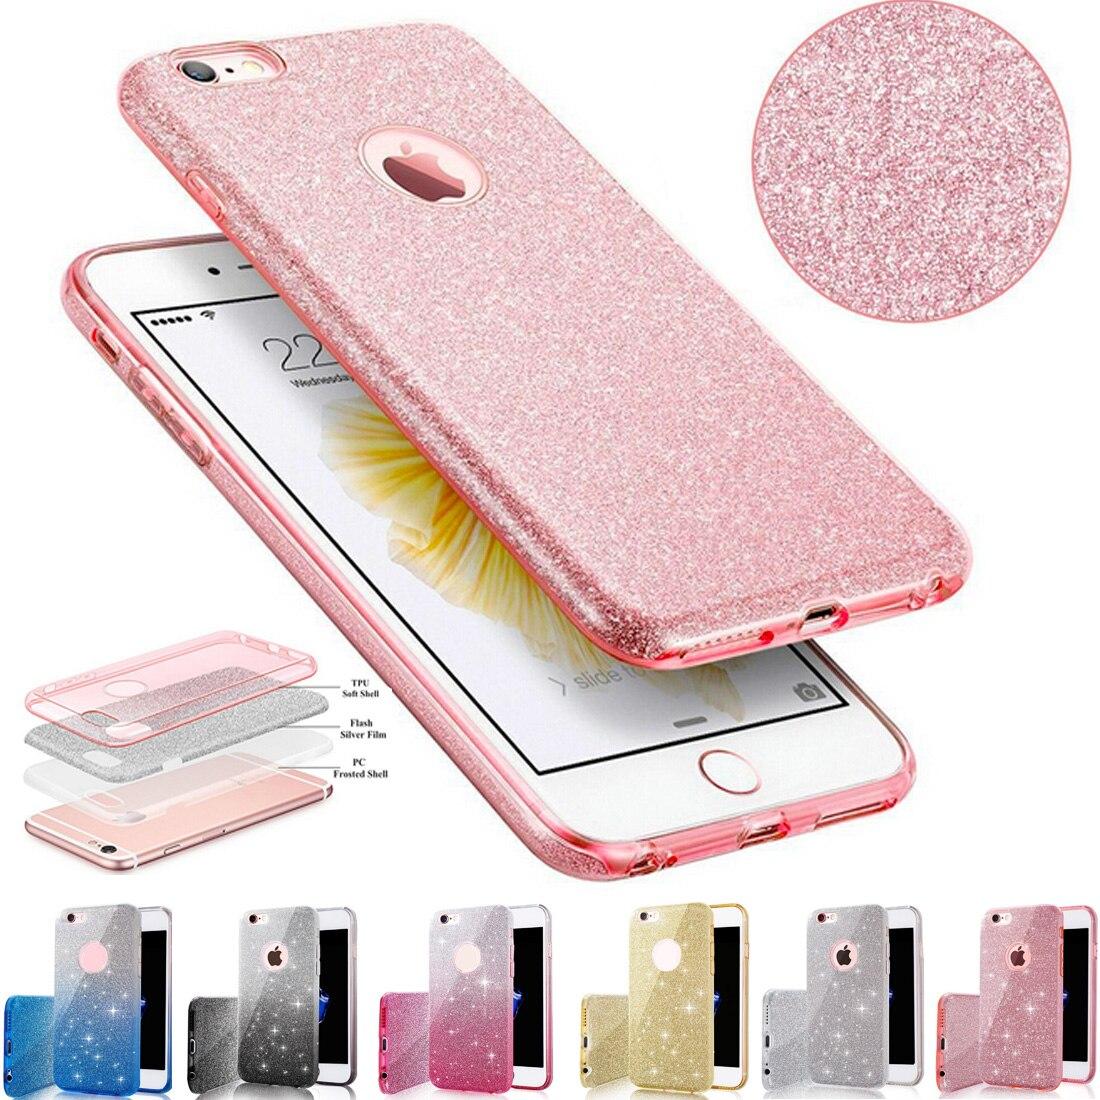 Для <font><b>iPhone</b></font> 7 Чехол прозрачный Кристалл Bling блестящие Обувь для девочек Для женщин блеск 3 Слои Телефонные Чехлы для мангала для <font><b>iphone</b></font> 6S 7 плюс Капа